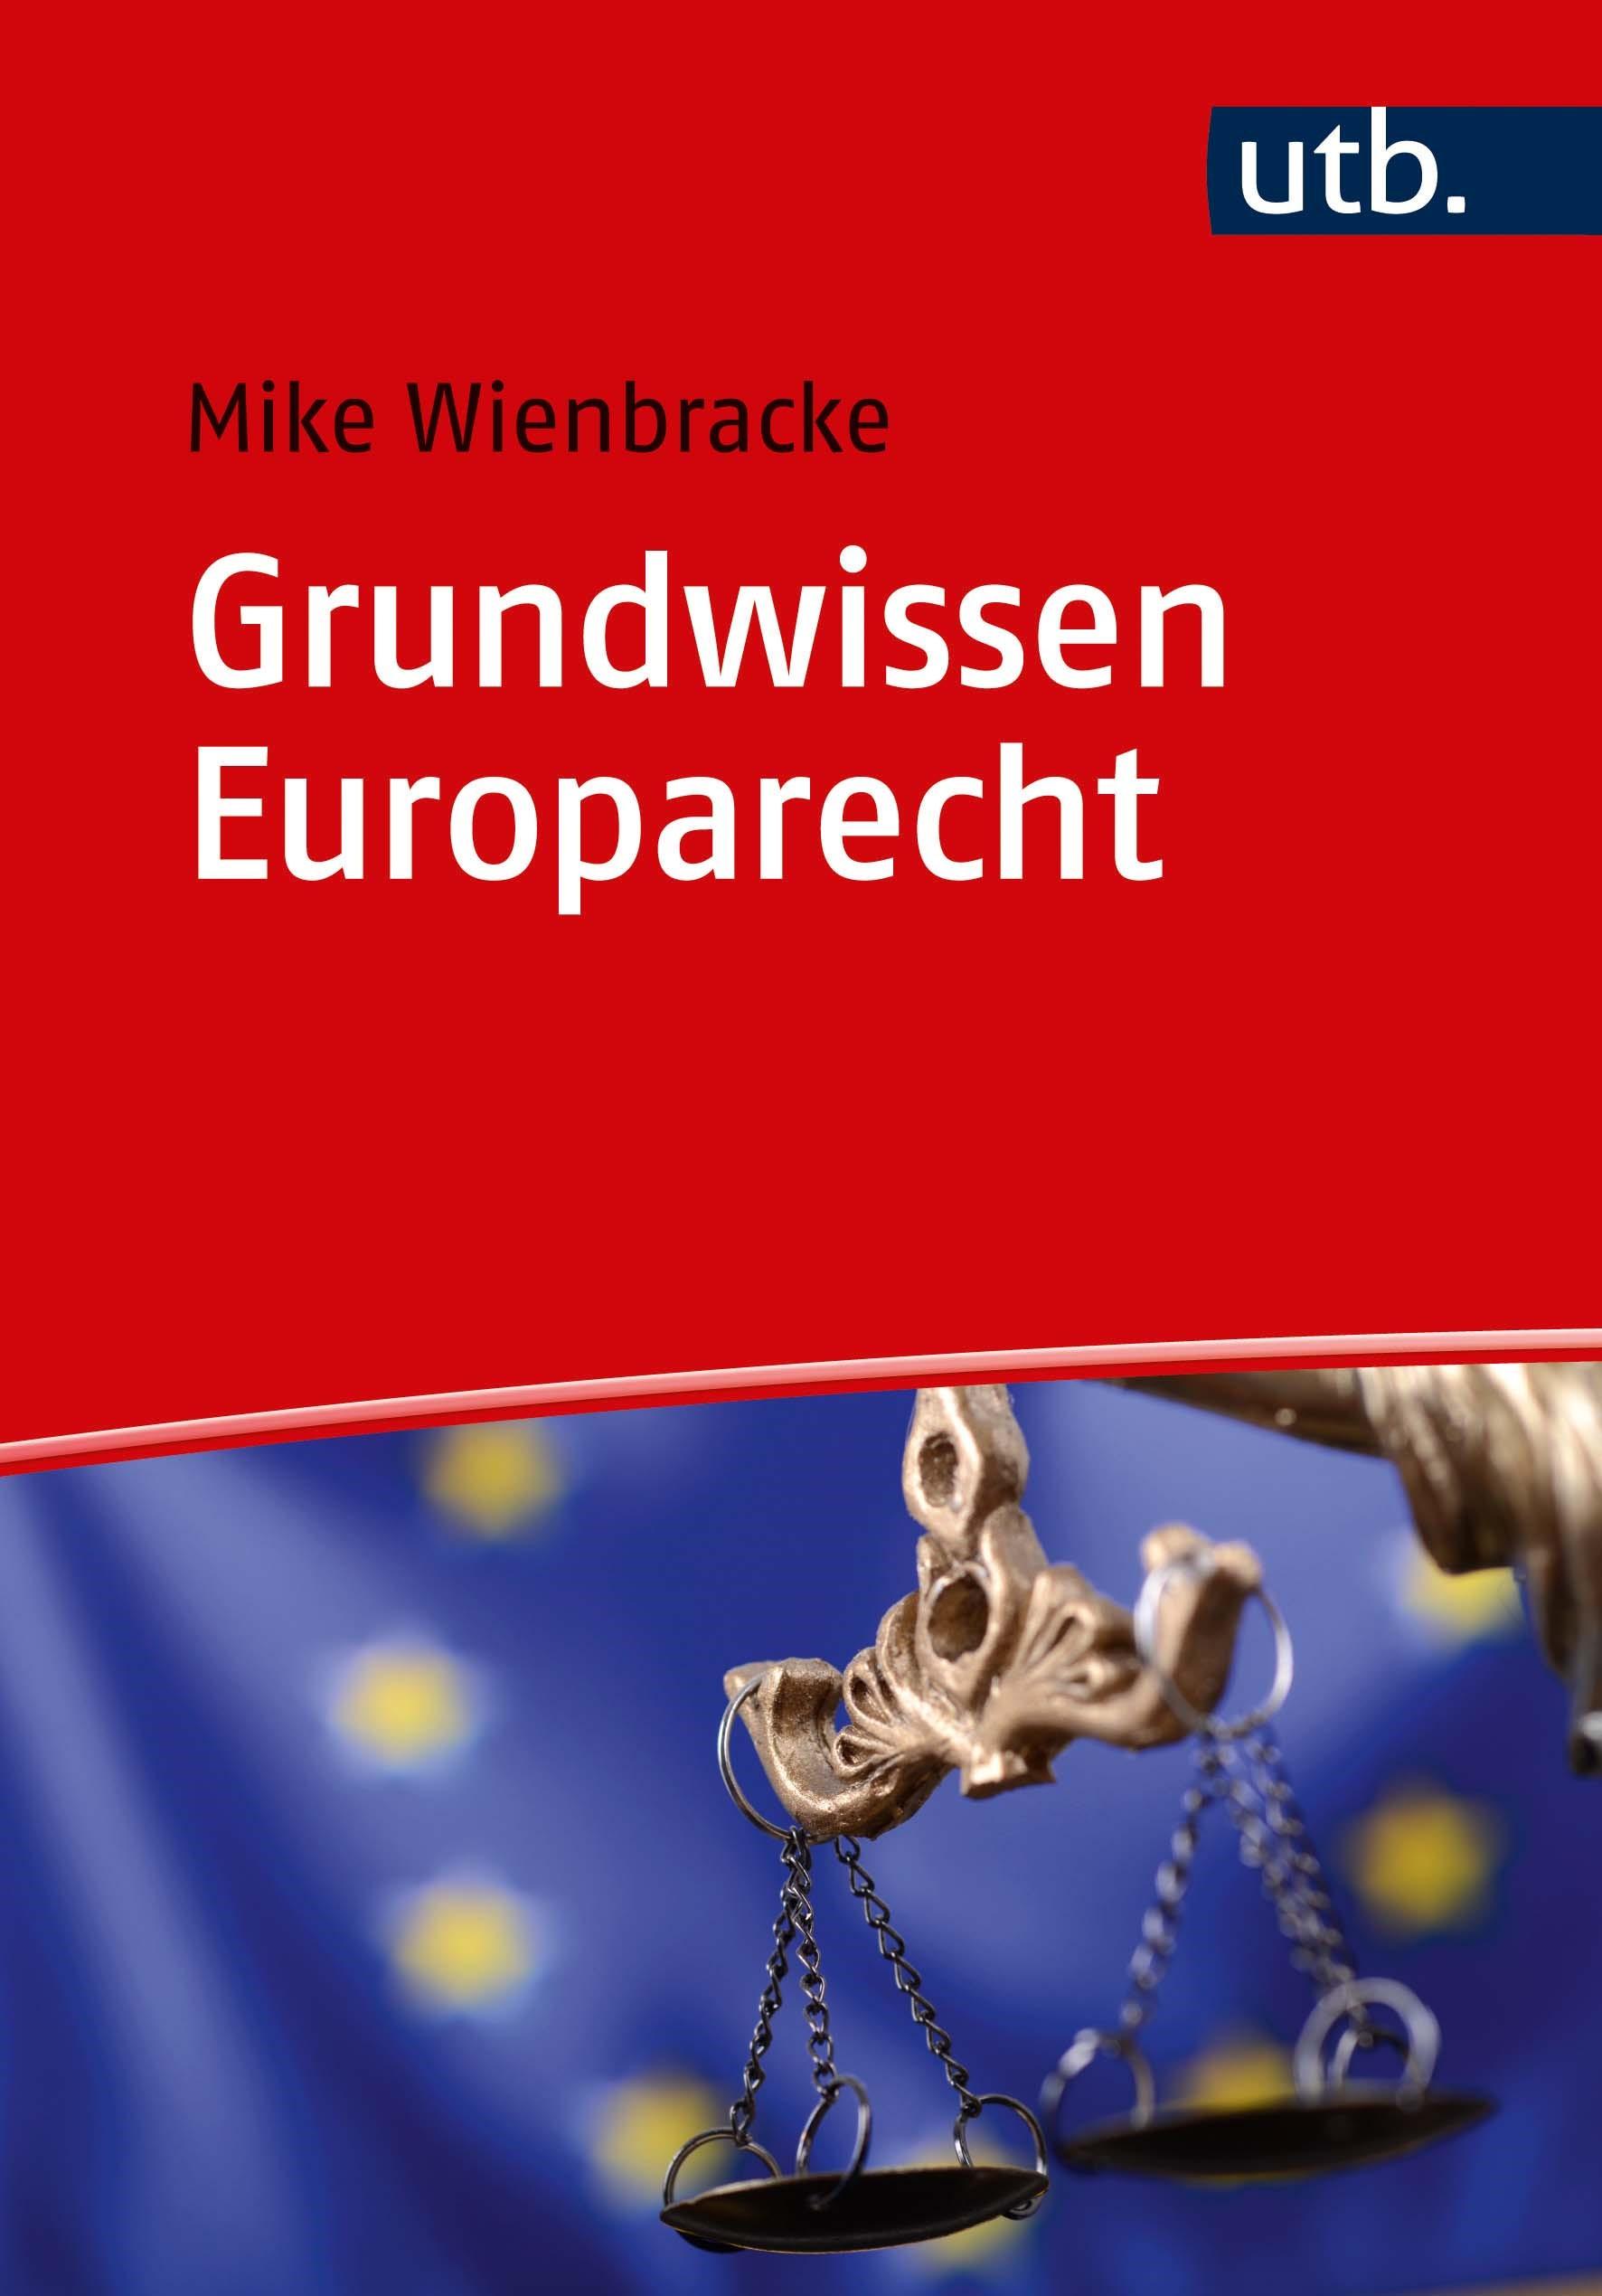 Grundwissen Europarecht | Wienbracke, 2018 | Buch (Cover)